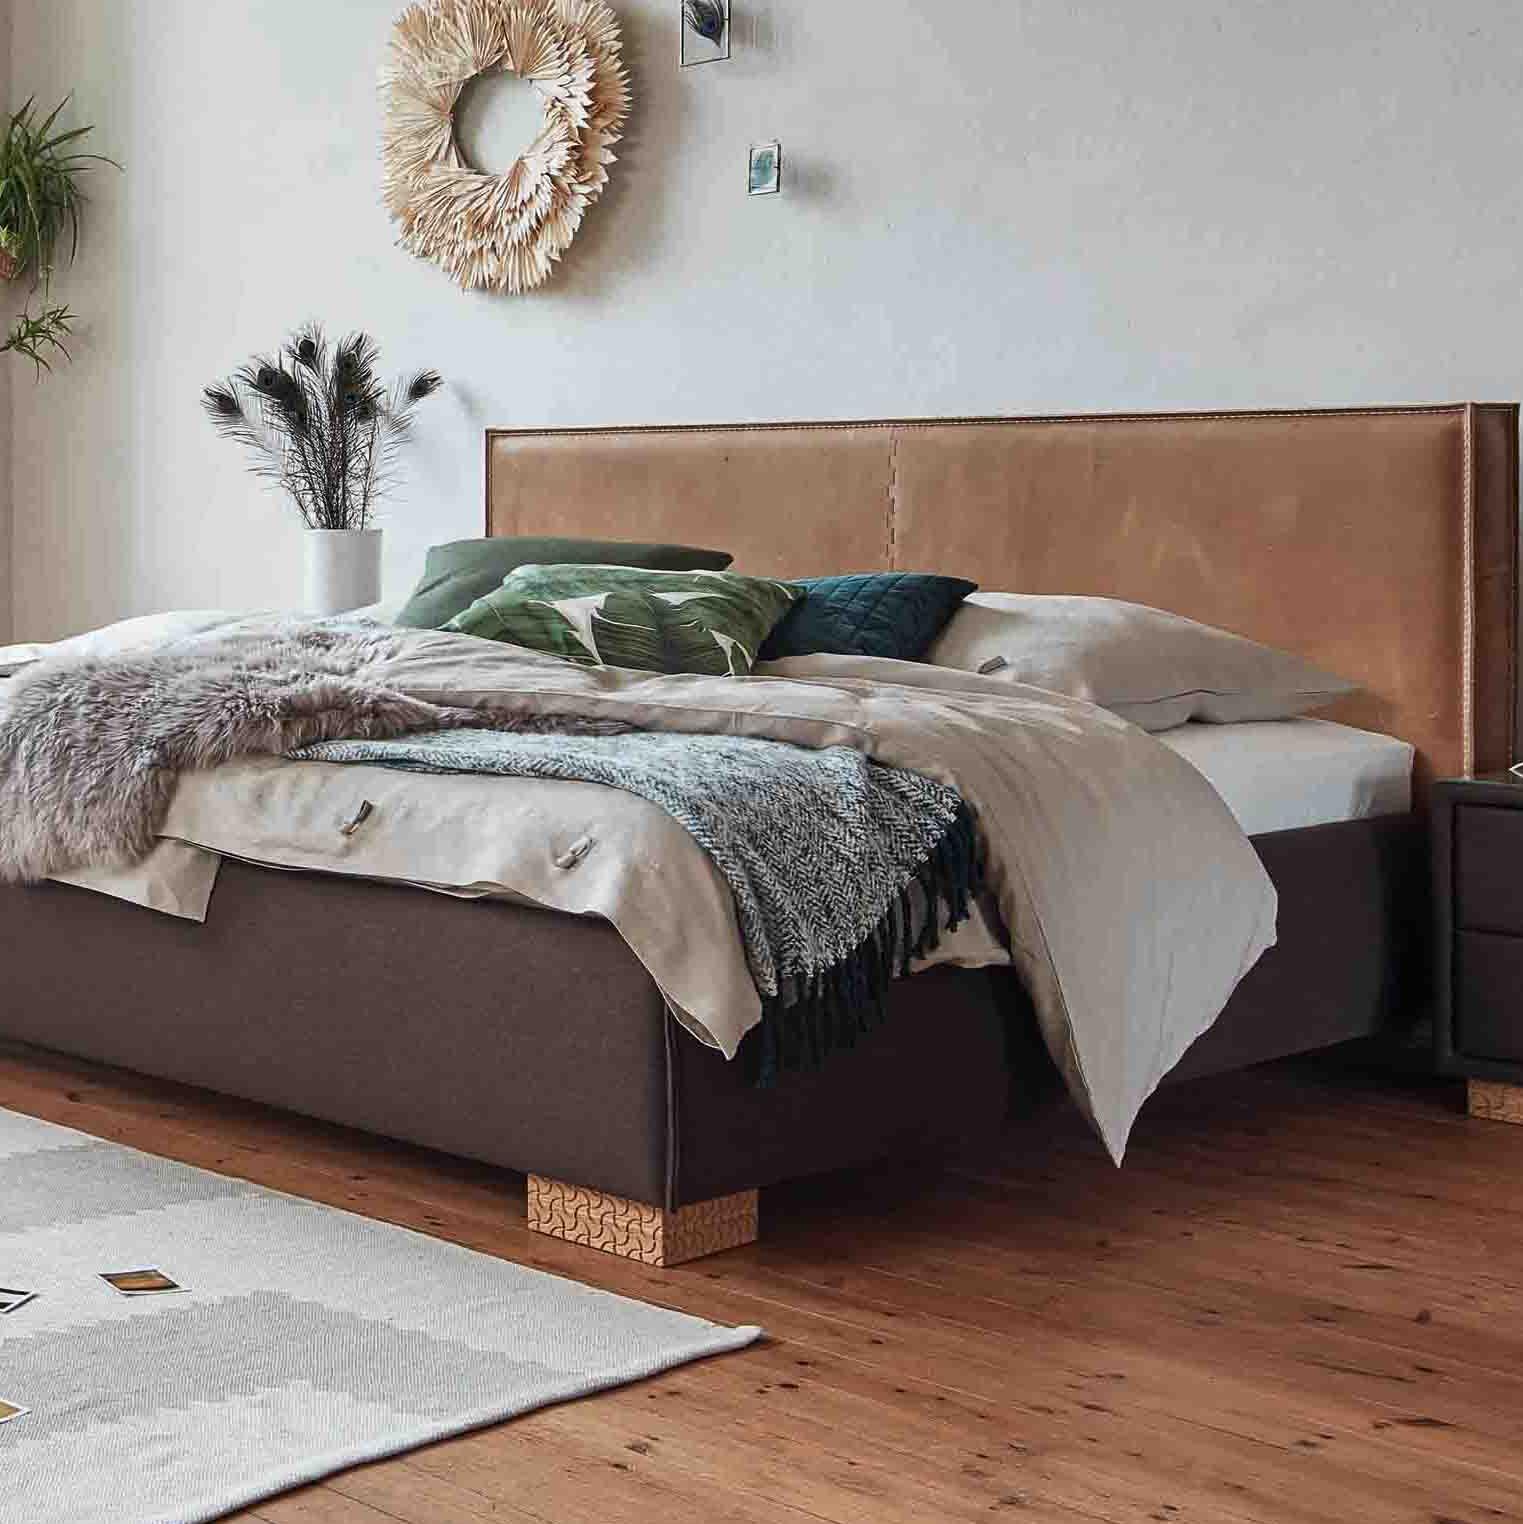 Unternehmen Birkenstock Bringt Betten Zusammen Mit Ada Auf Den Markt